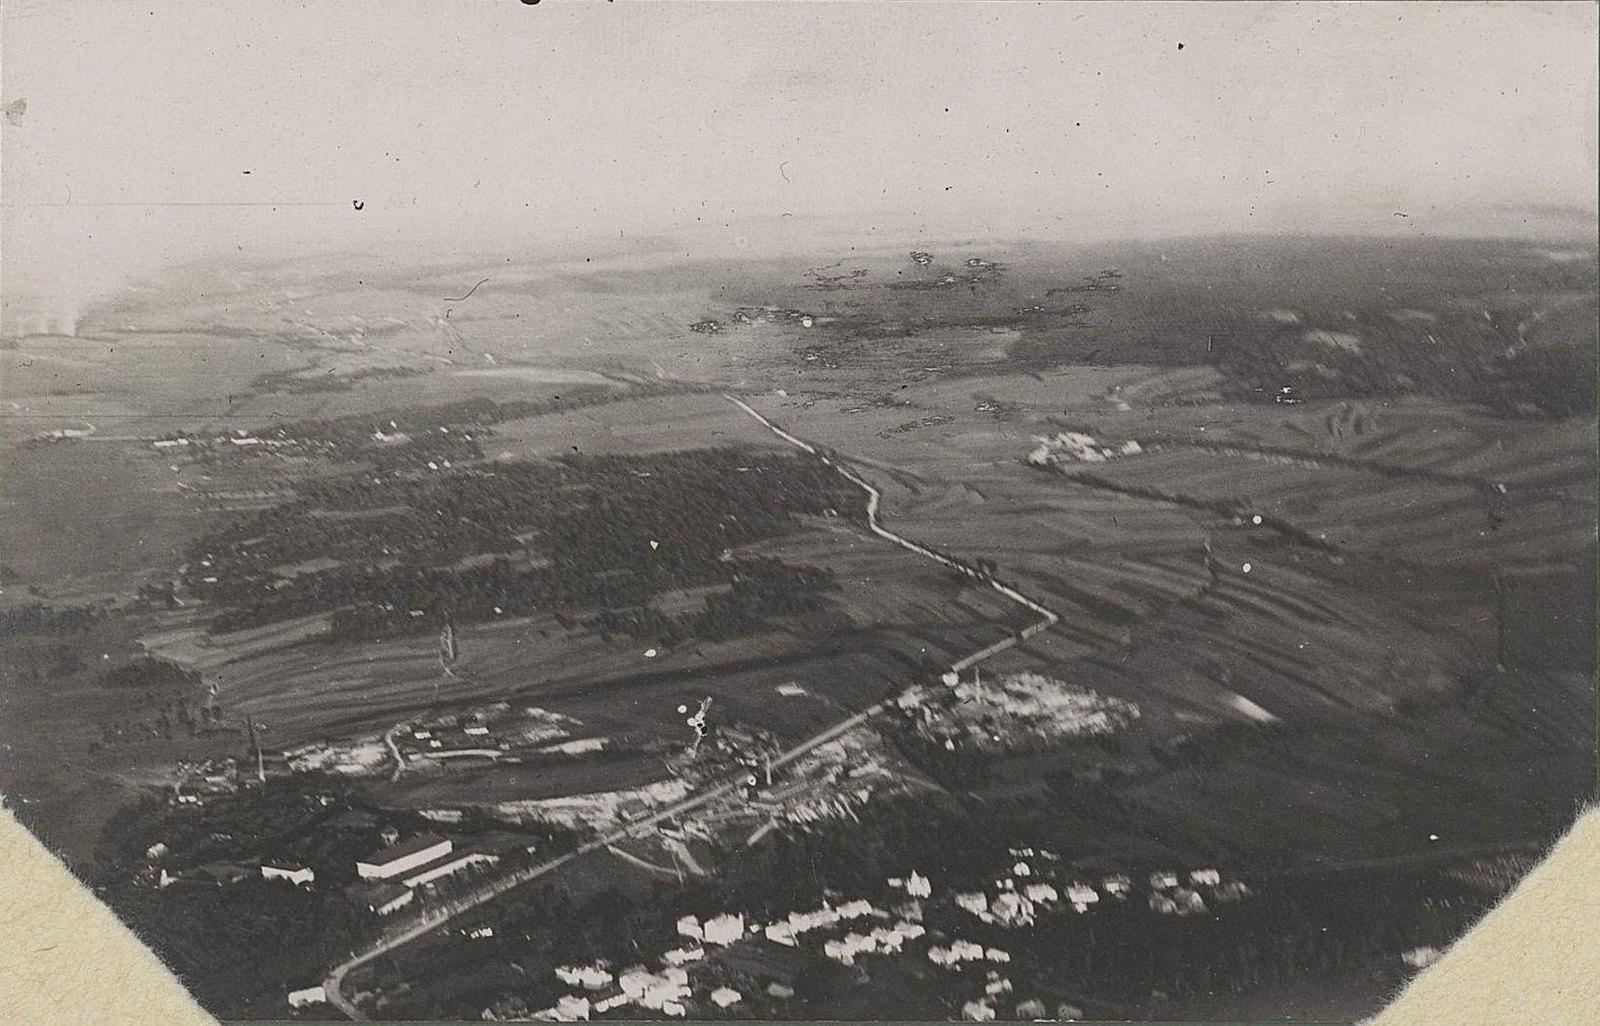 1914. Город Злочев, снятый с аэроплана. Застава Собесская. Галиция.